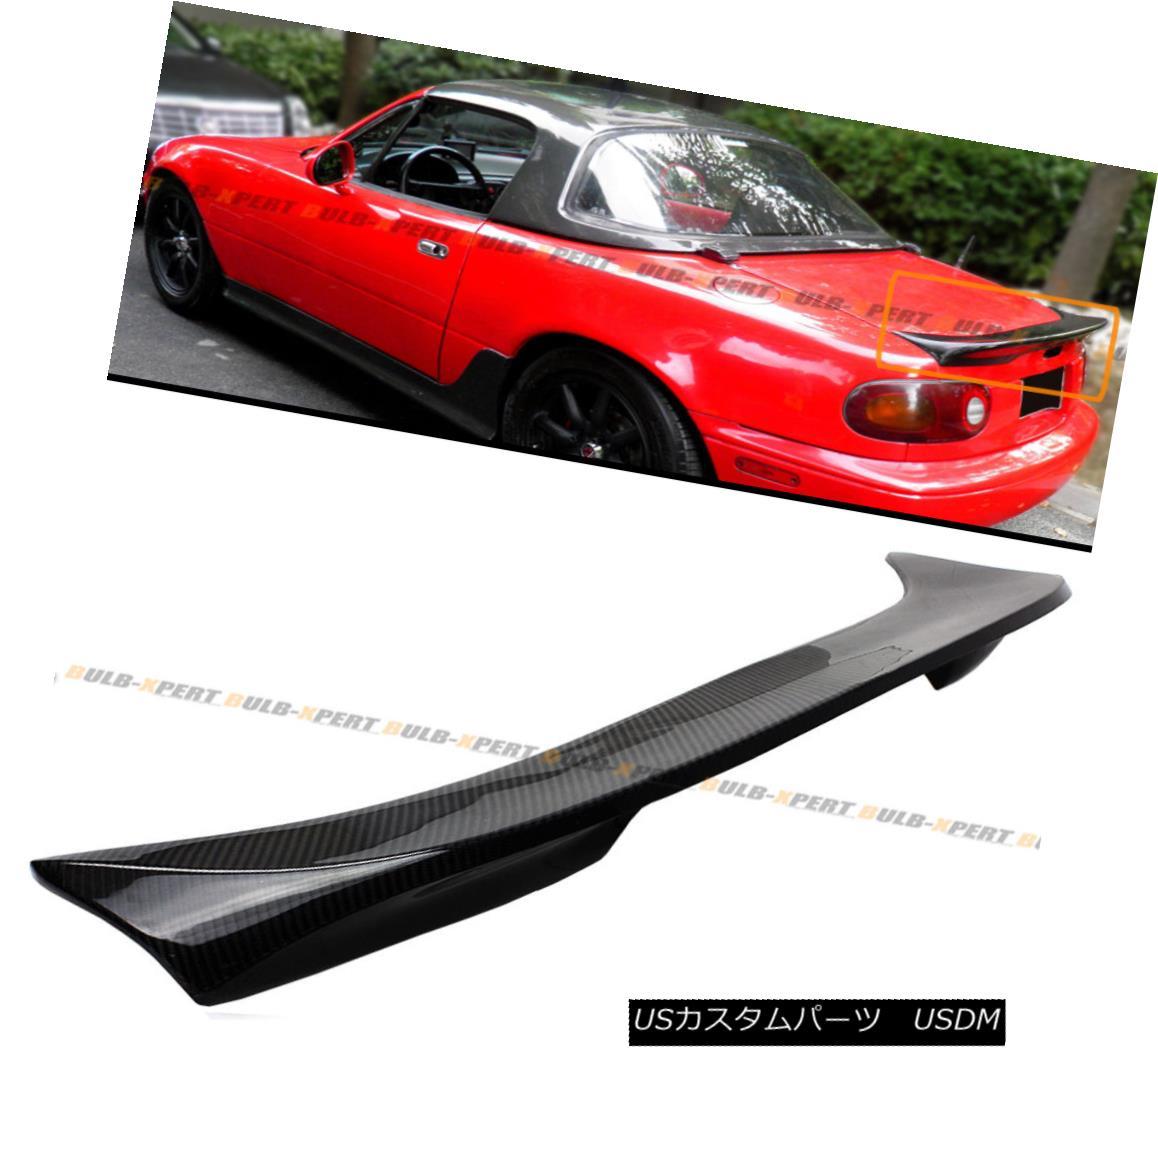 エアロパーツ For 1990-1997 Mazda Miata NA JDM Carbon Fiber Extended Big Trunk Spoiler Wing 1990-1997マツダ・ミアタNA JDMカーボンファイバー拡張ビッグ・トランク・スポイラー・ウィング